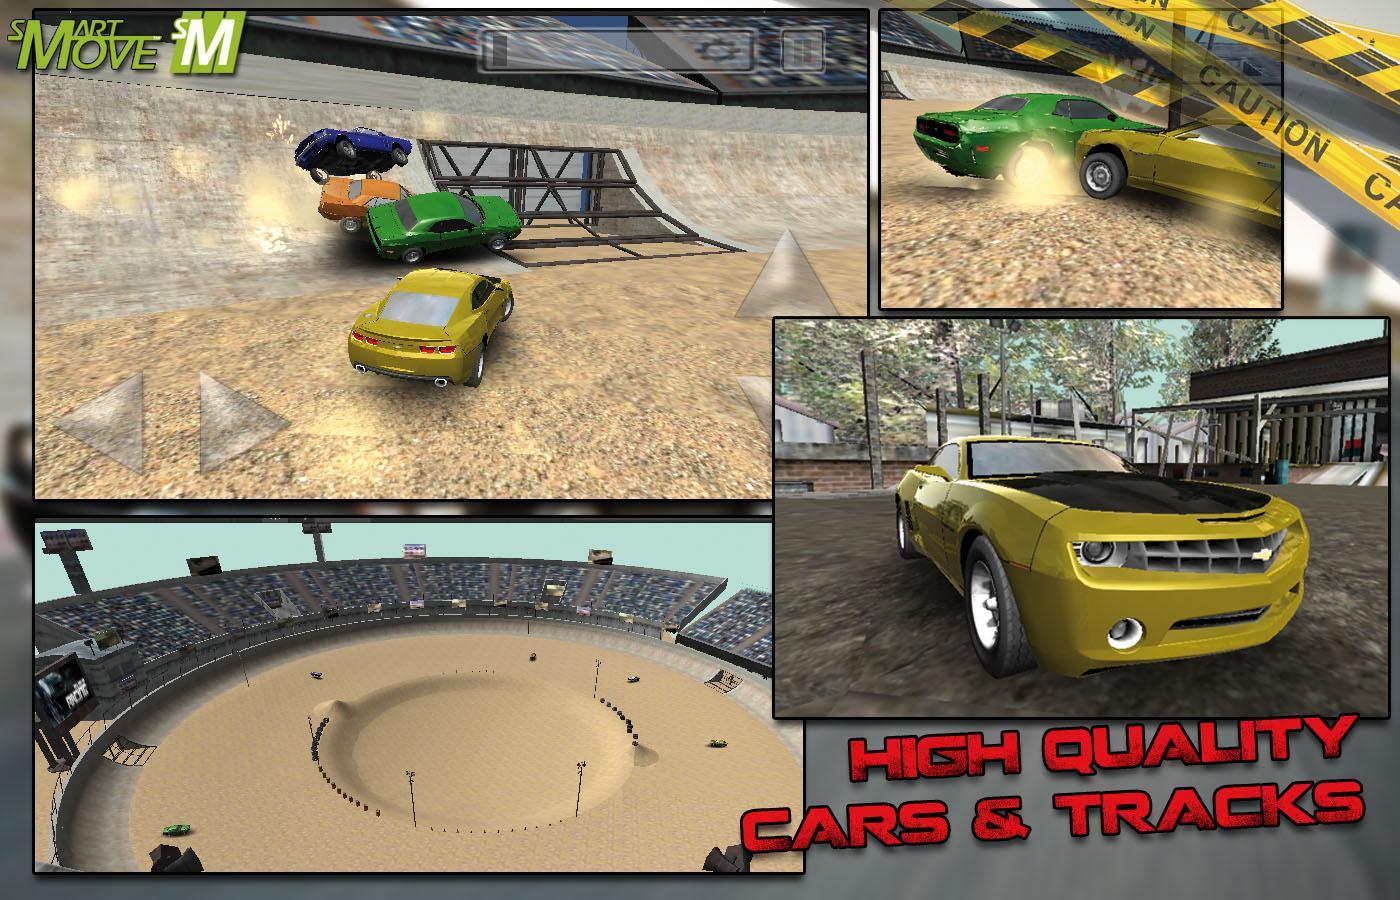 碰撞赛车3d怎么样 碰撞赛车3d游戏评测高清图片